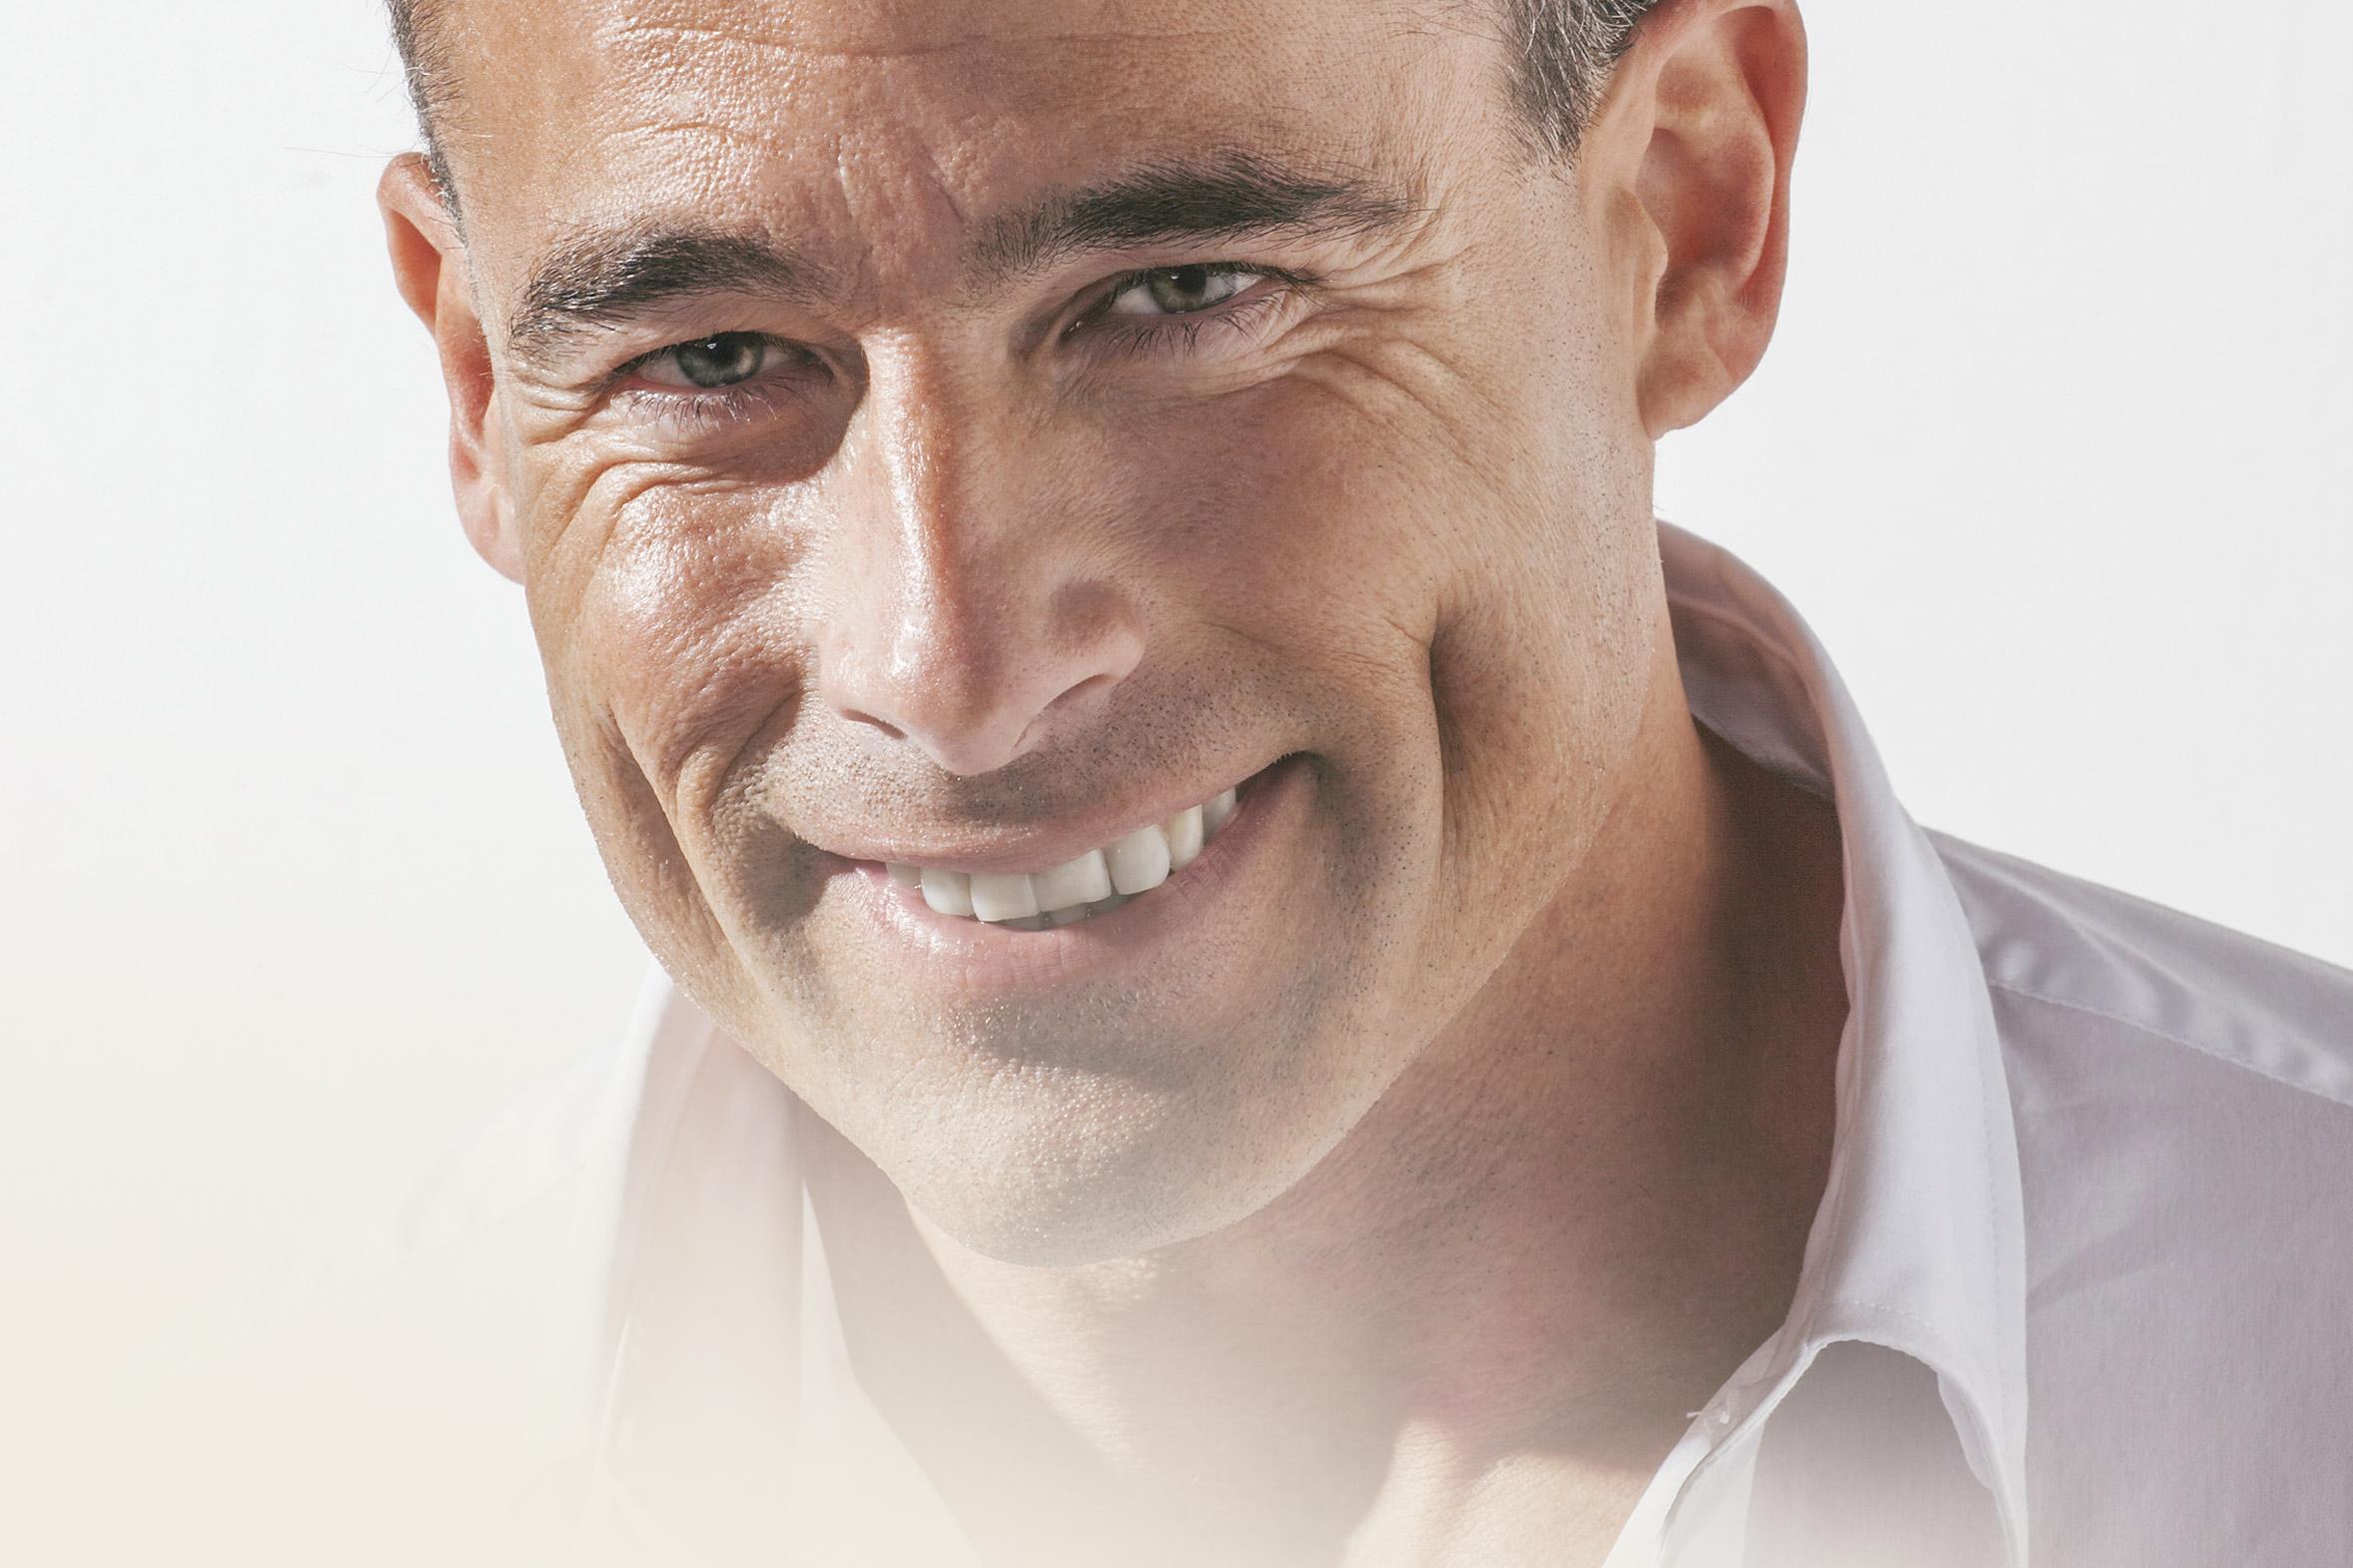 Signe de réussite et de confiance en soi, le cabinet dentaire Marcucci & Combes saura vous offrir le meilleur des sourires